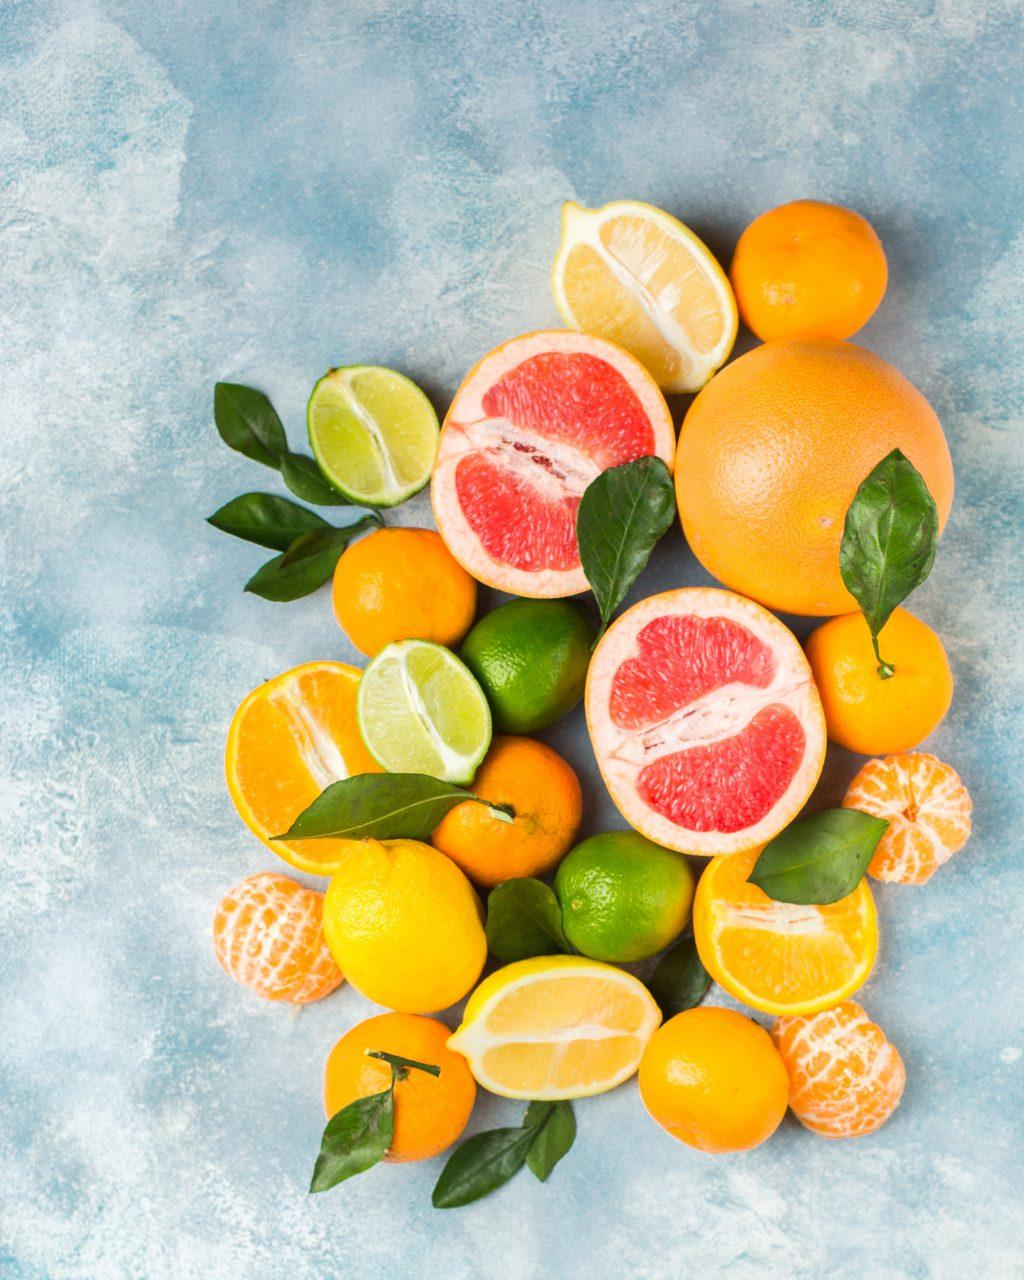 Tăng cường sức đề kháng cùng những loại trái cây họ cam quít